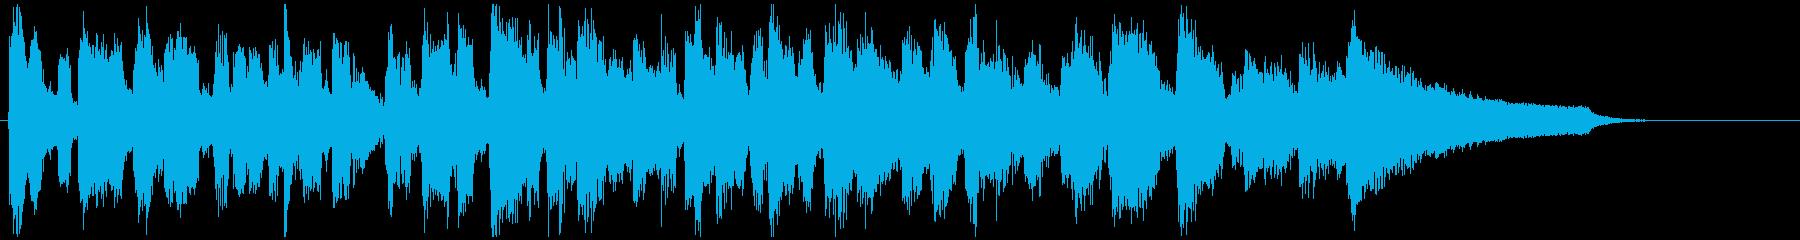 ショー的なジャズサックスの15秒ジングルの再生済みの波形